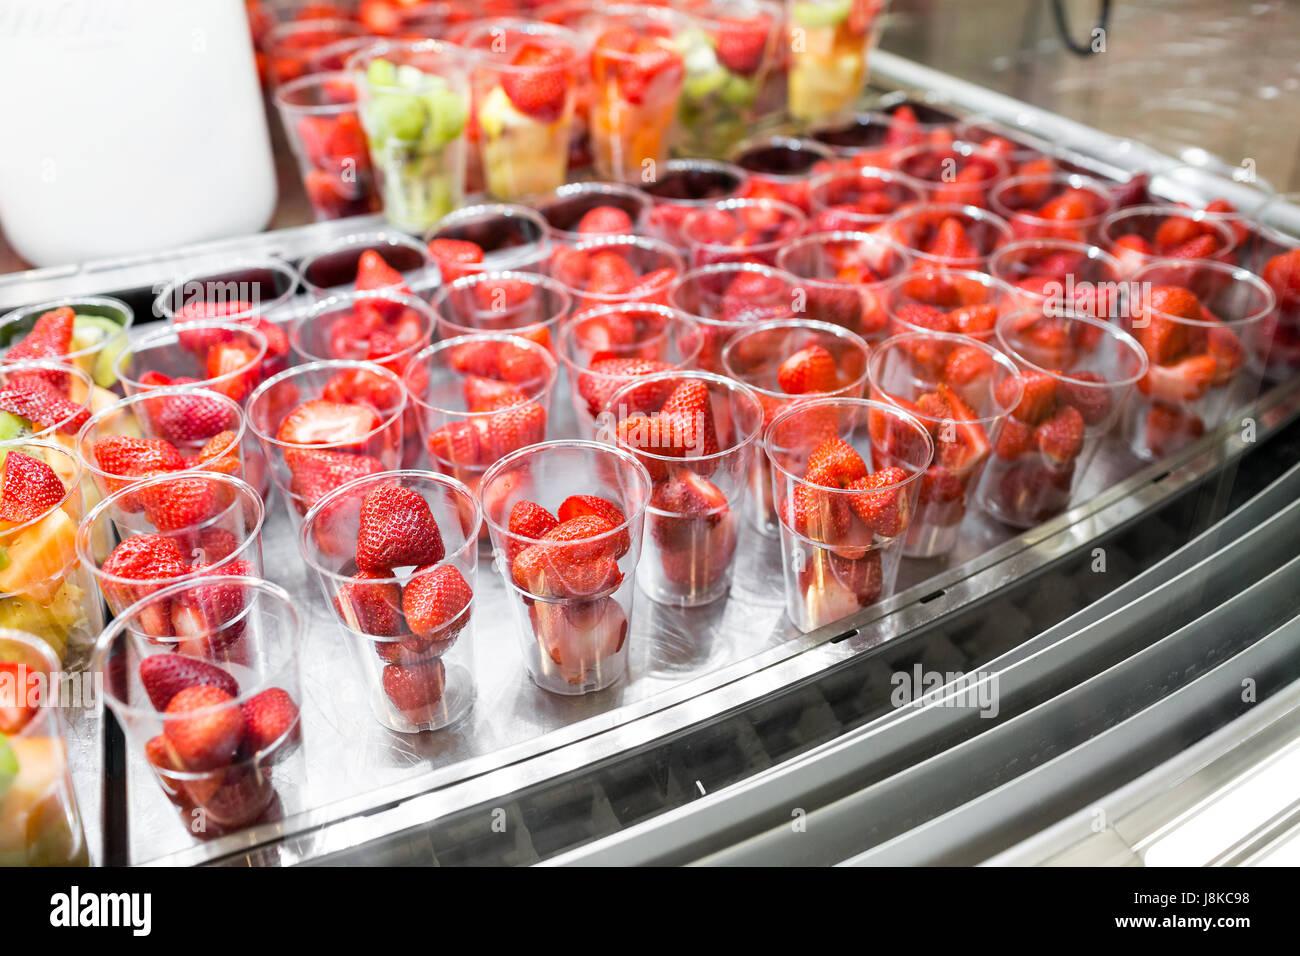 Obstsalat, angeordnet in Plastikbechern zu verkaufen. Kühlschrank ...